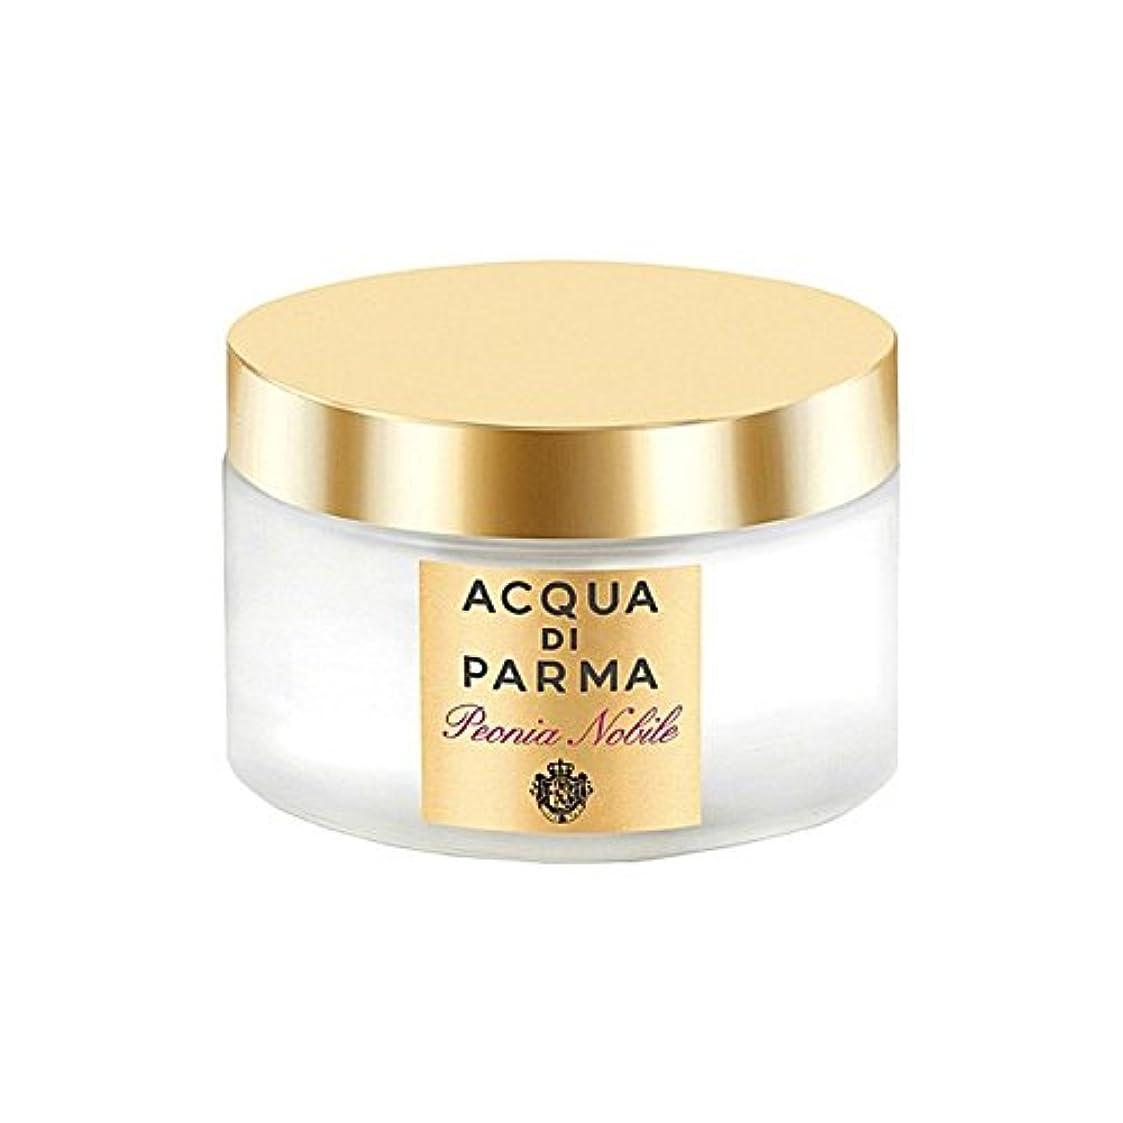 お酒虐殺何よりもAcqua Di Parma Peonia Nobile Body Cream 150ml - アクアディパルマノビレボディクリーム150ミリリットル [並行輸入品]